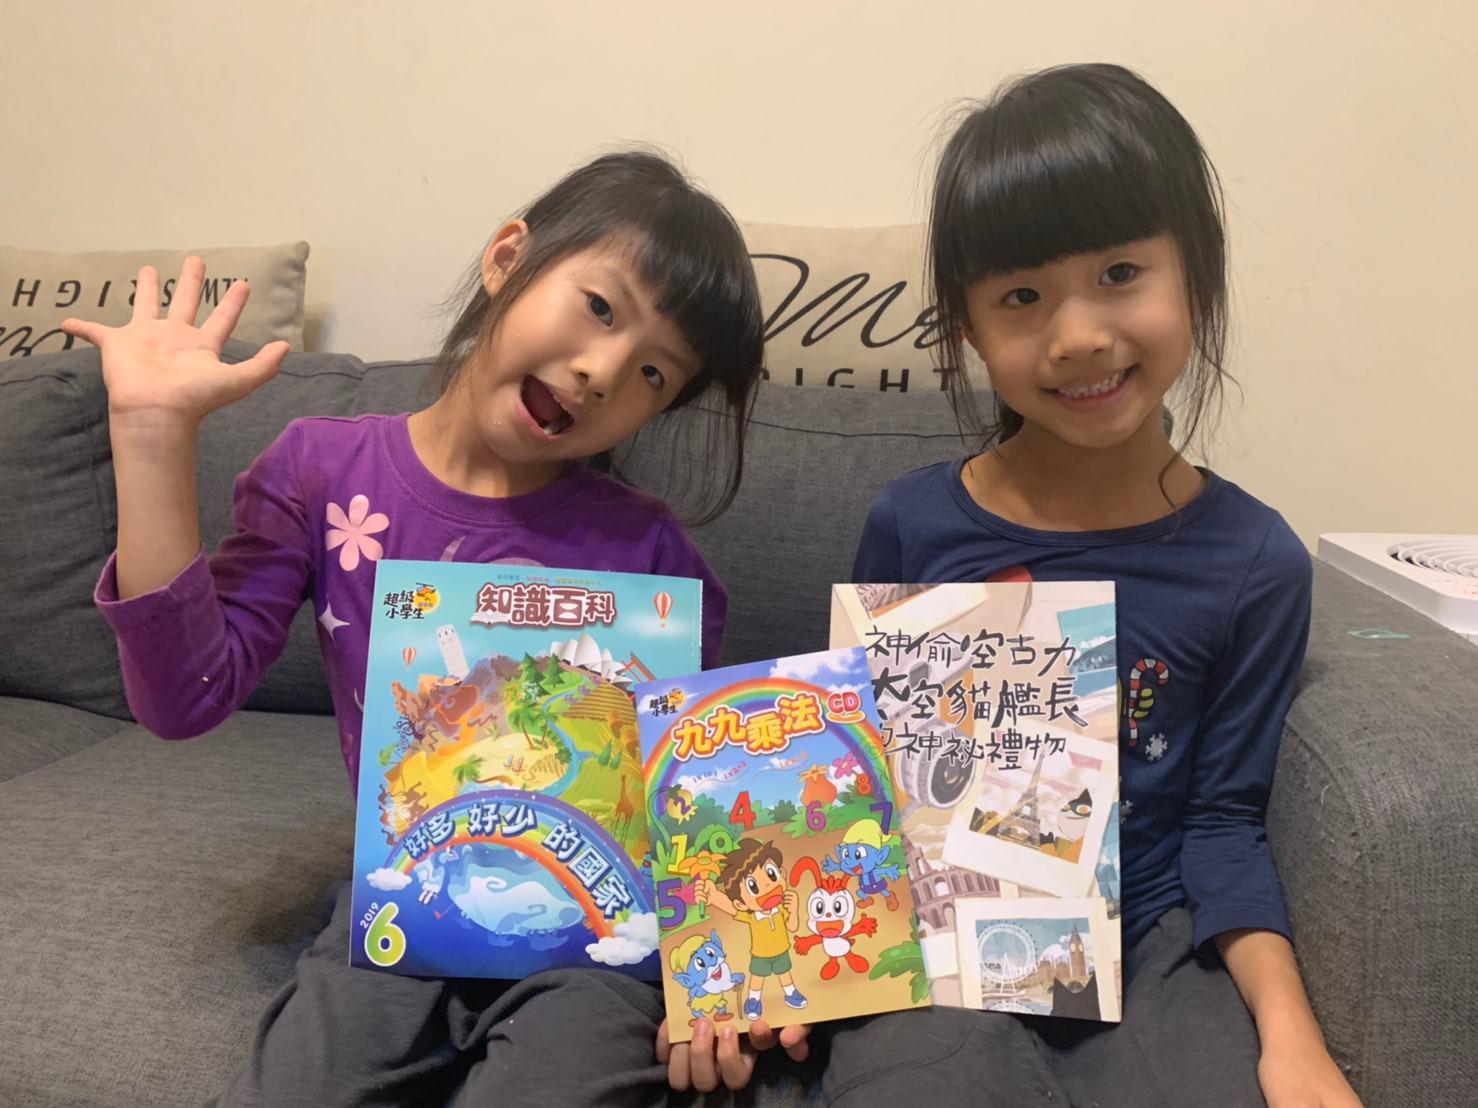 【育兒】從小看到大 巧連智月刊 團購優惠不要錯過 一起培養孩子閱讀能力 輕鬆掌握學習關鍵力!